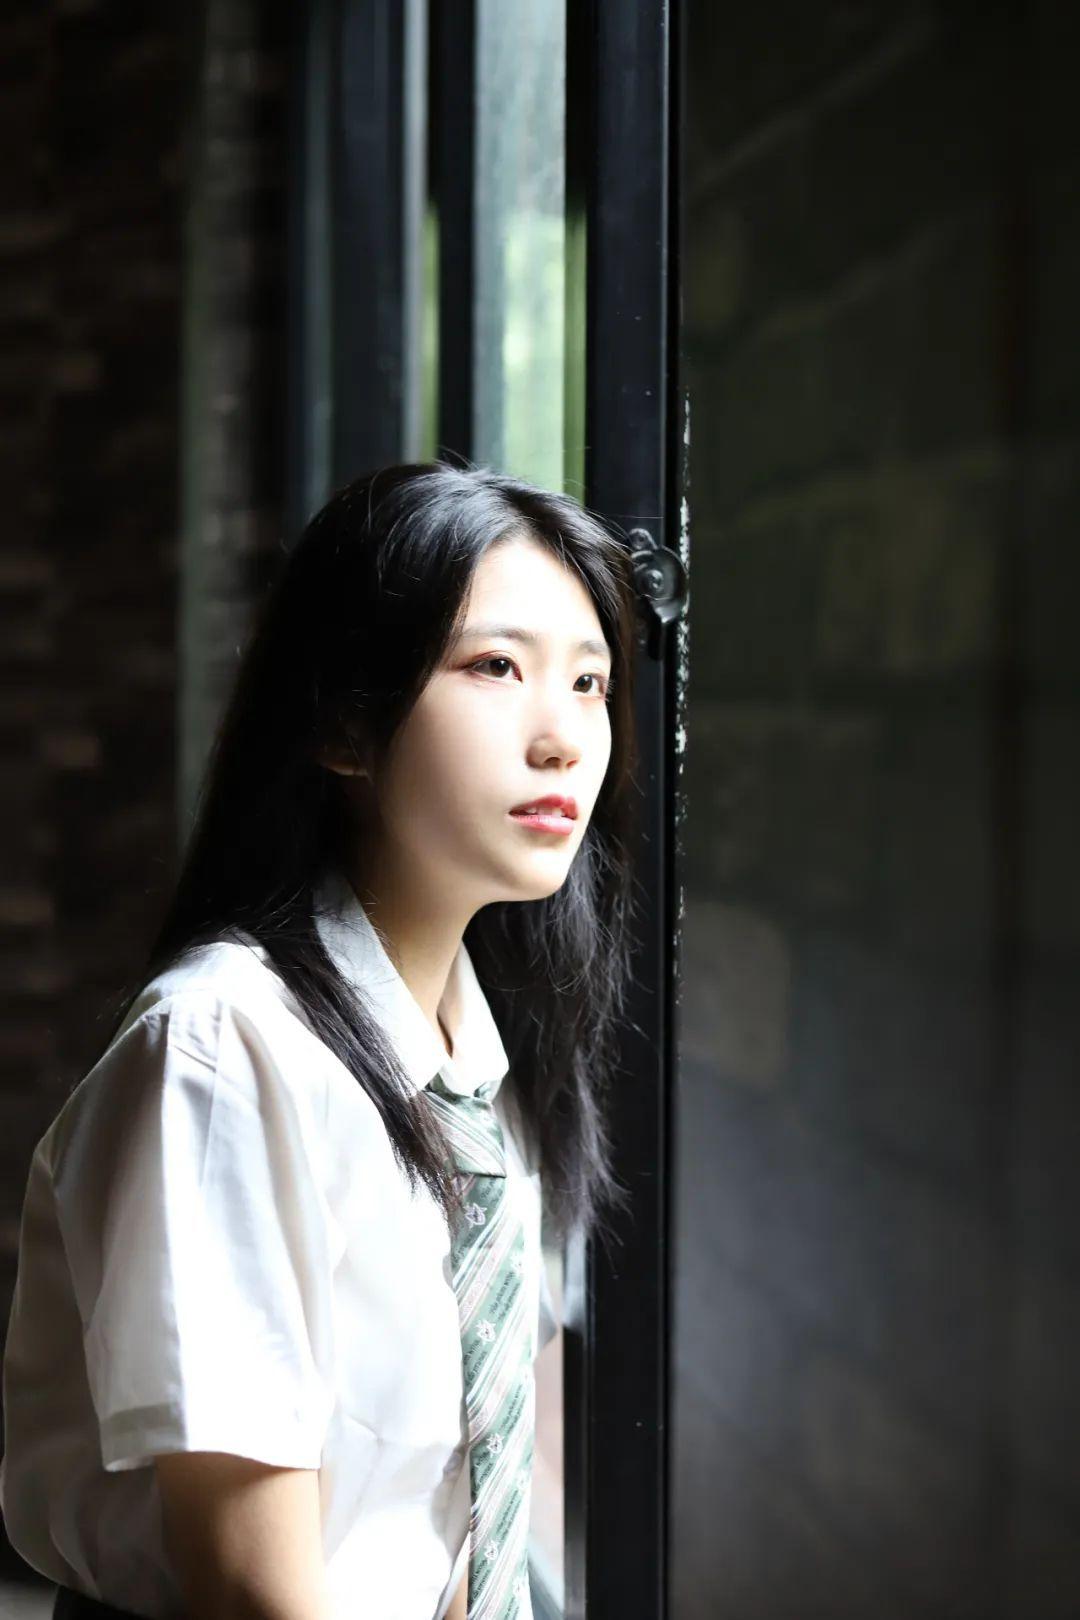 妹子摄影 – JK制服高颜值学姐 黑丝绝对领域_图片 No.6